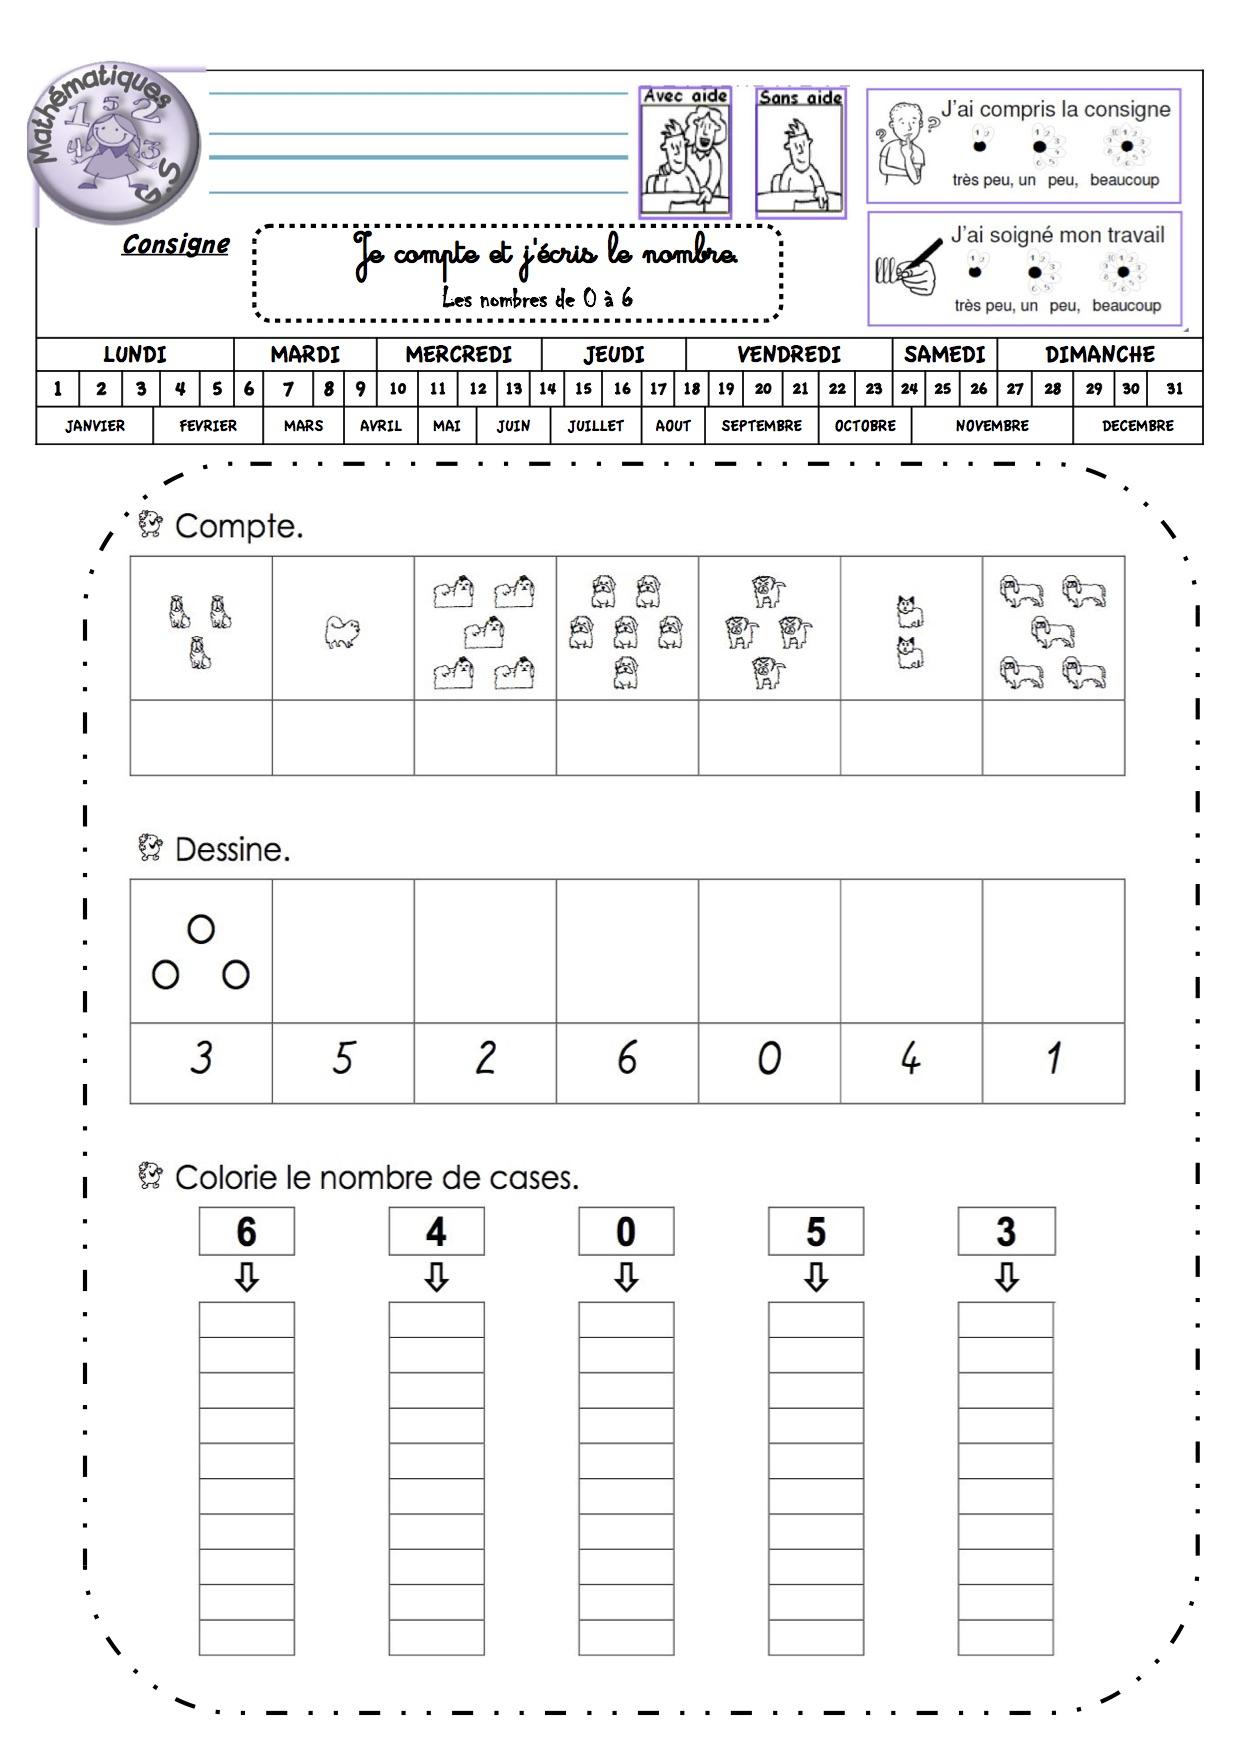 Fiches De Travail Gs Numeration (Période 2) - La Classe De concernant Fiche De Travail Gs